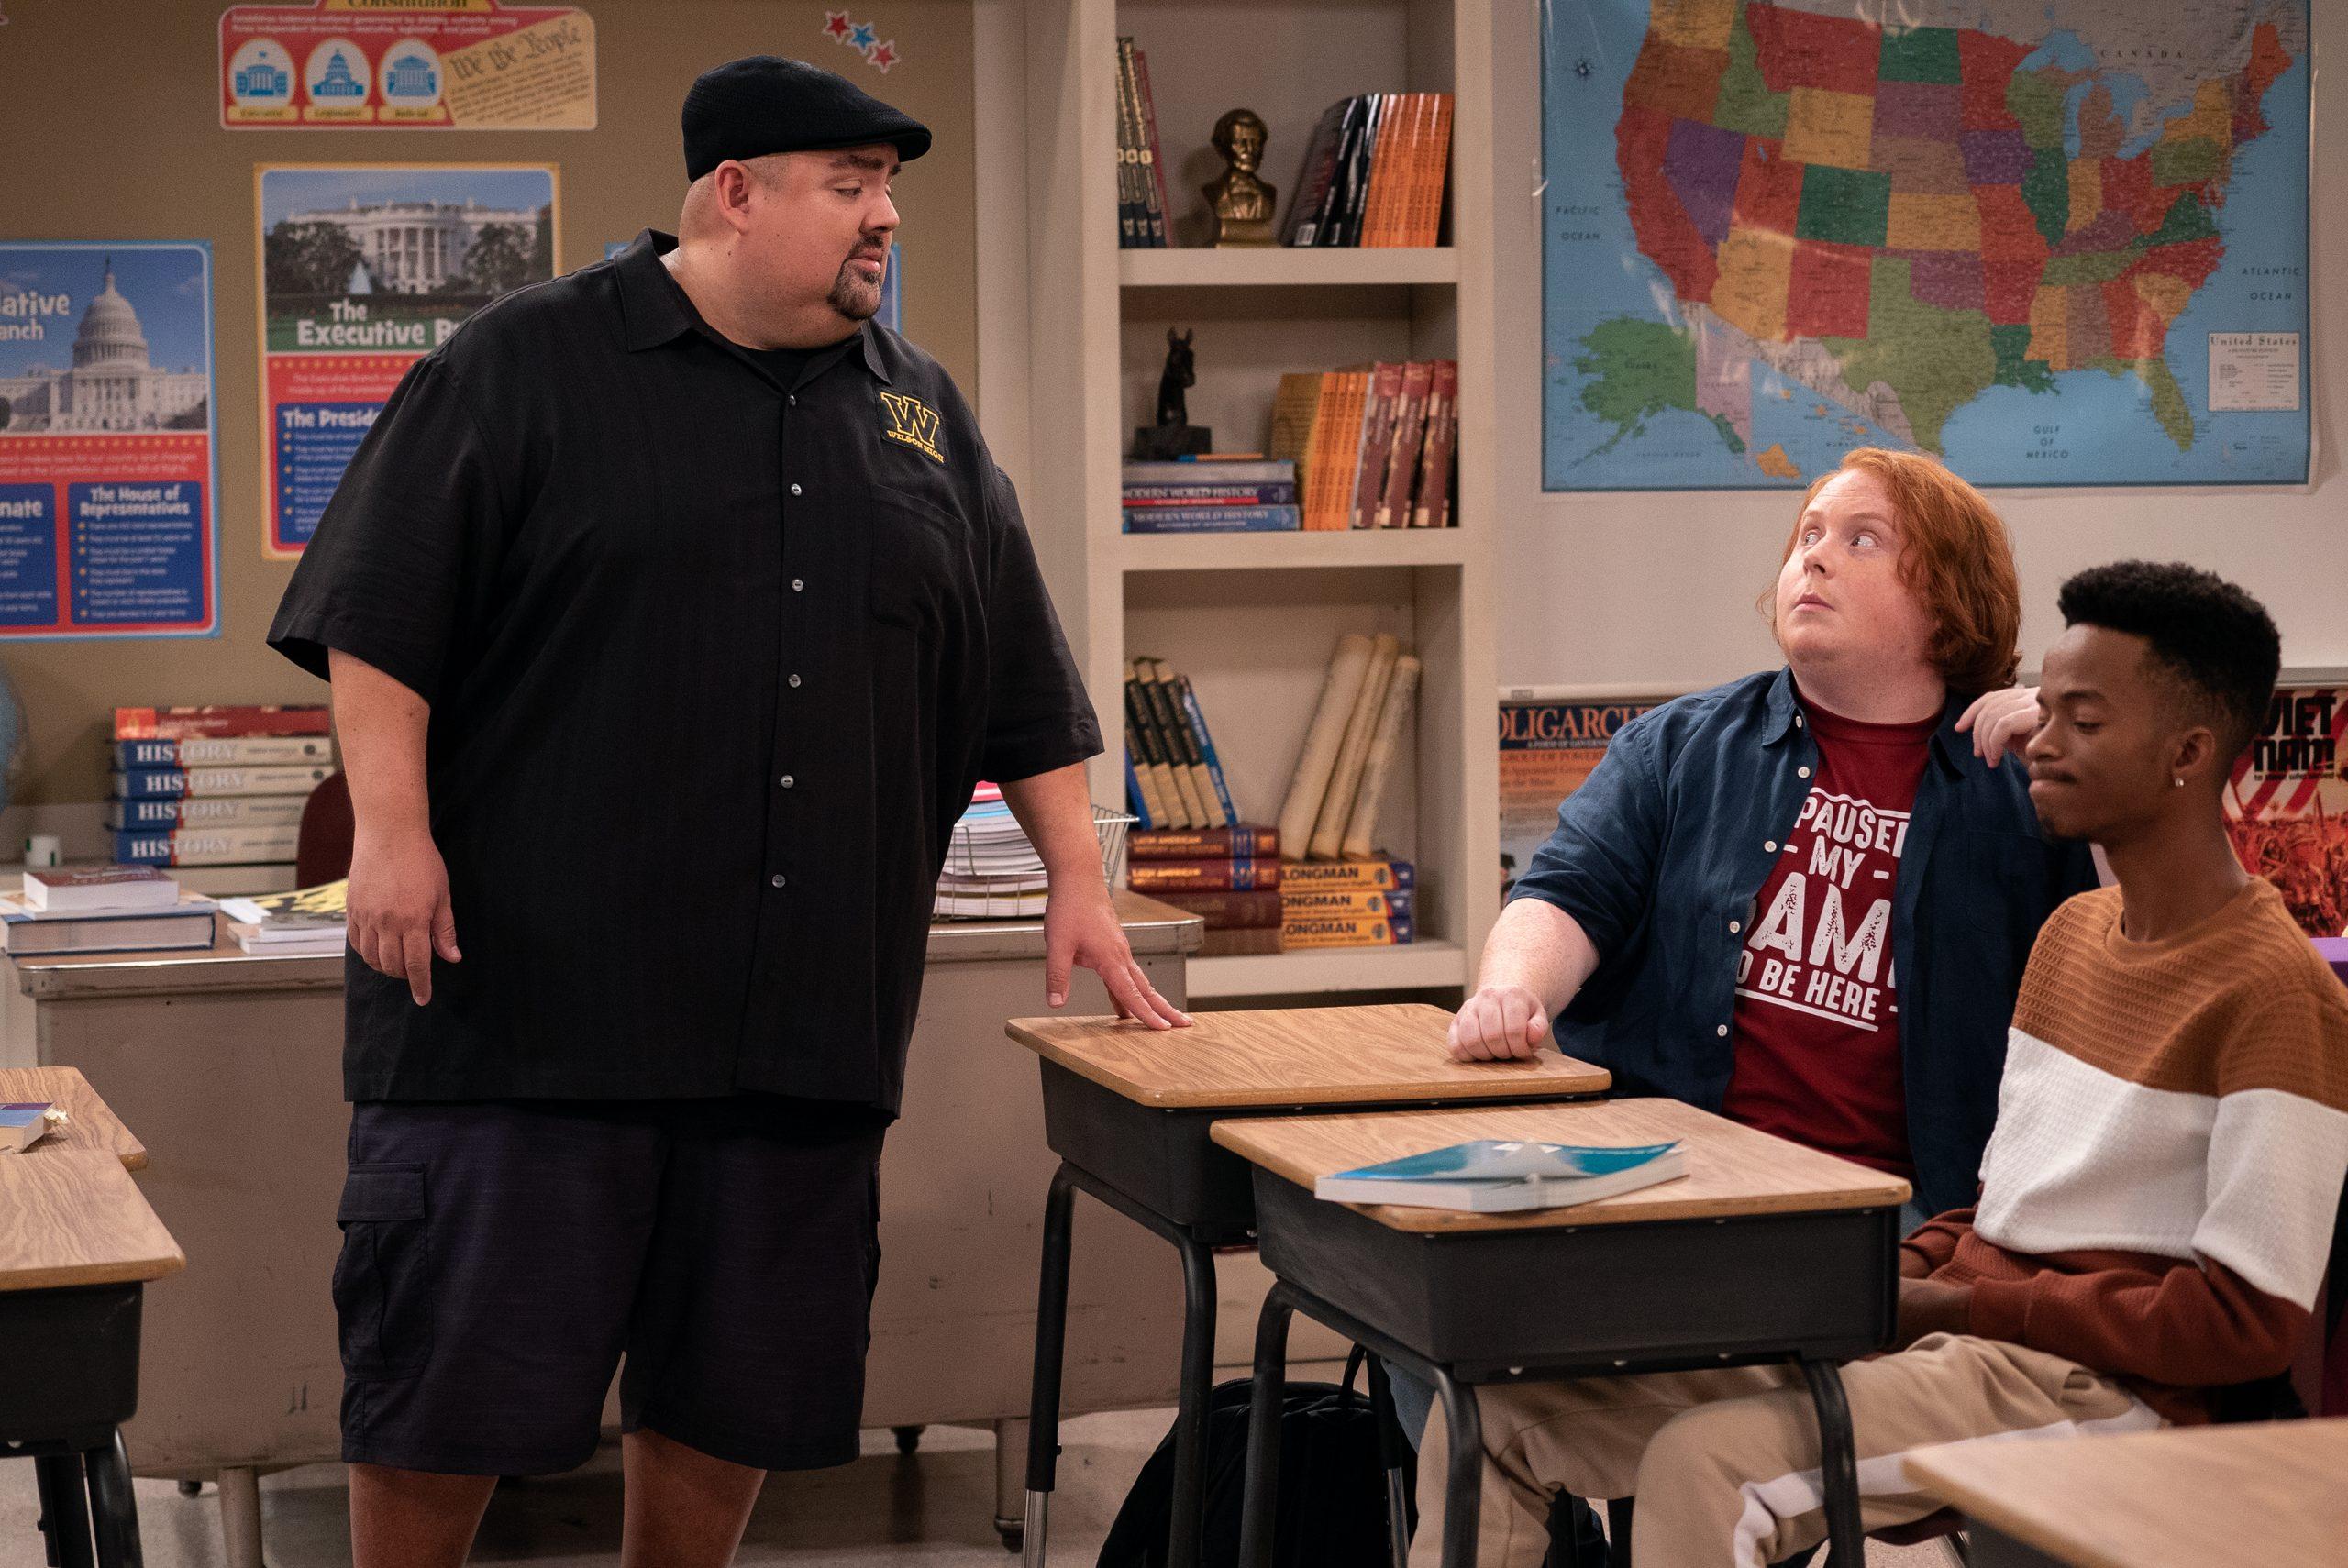 Profesor Iglesias. Premiera 2. sezonu w Netflix już niebawem